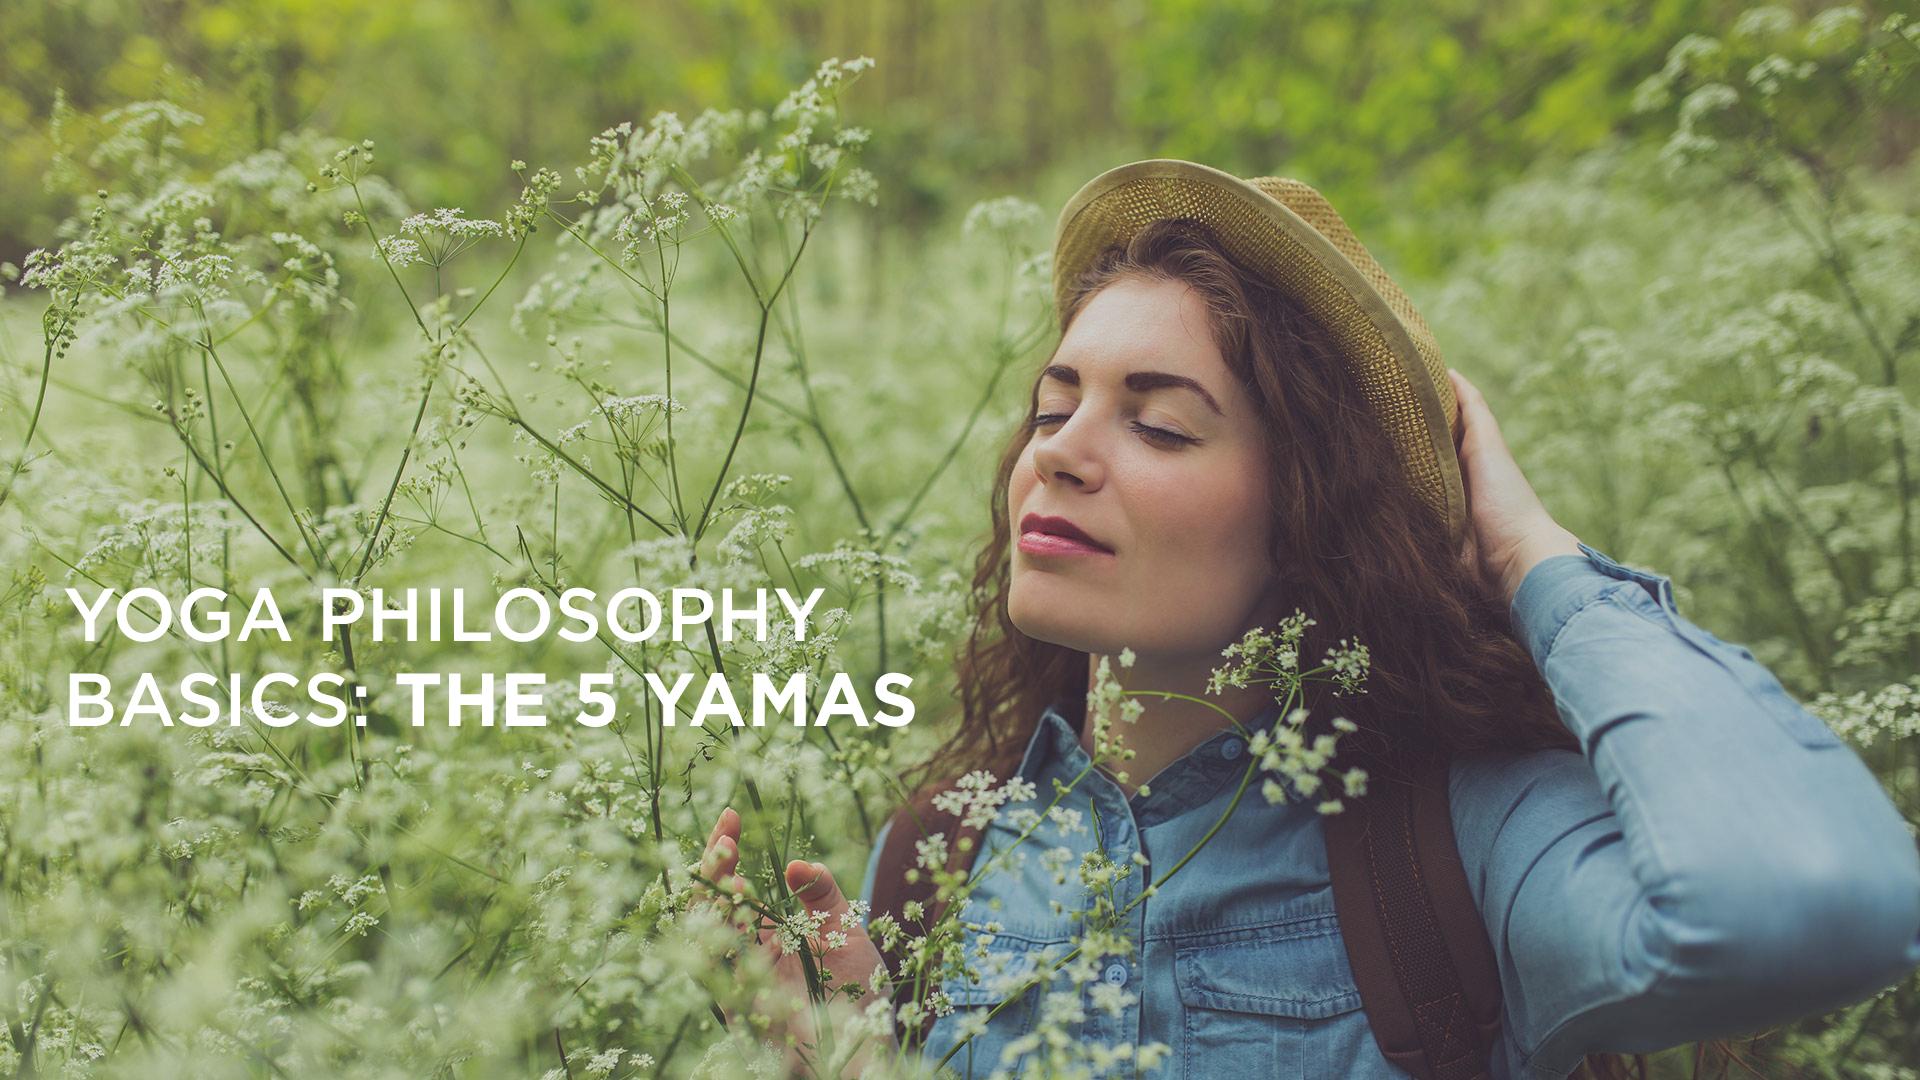 Yoga Philosophy Basics: The 5 Yamas